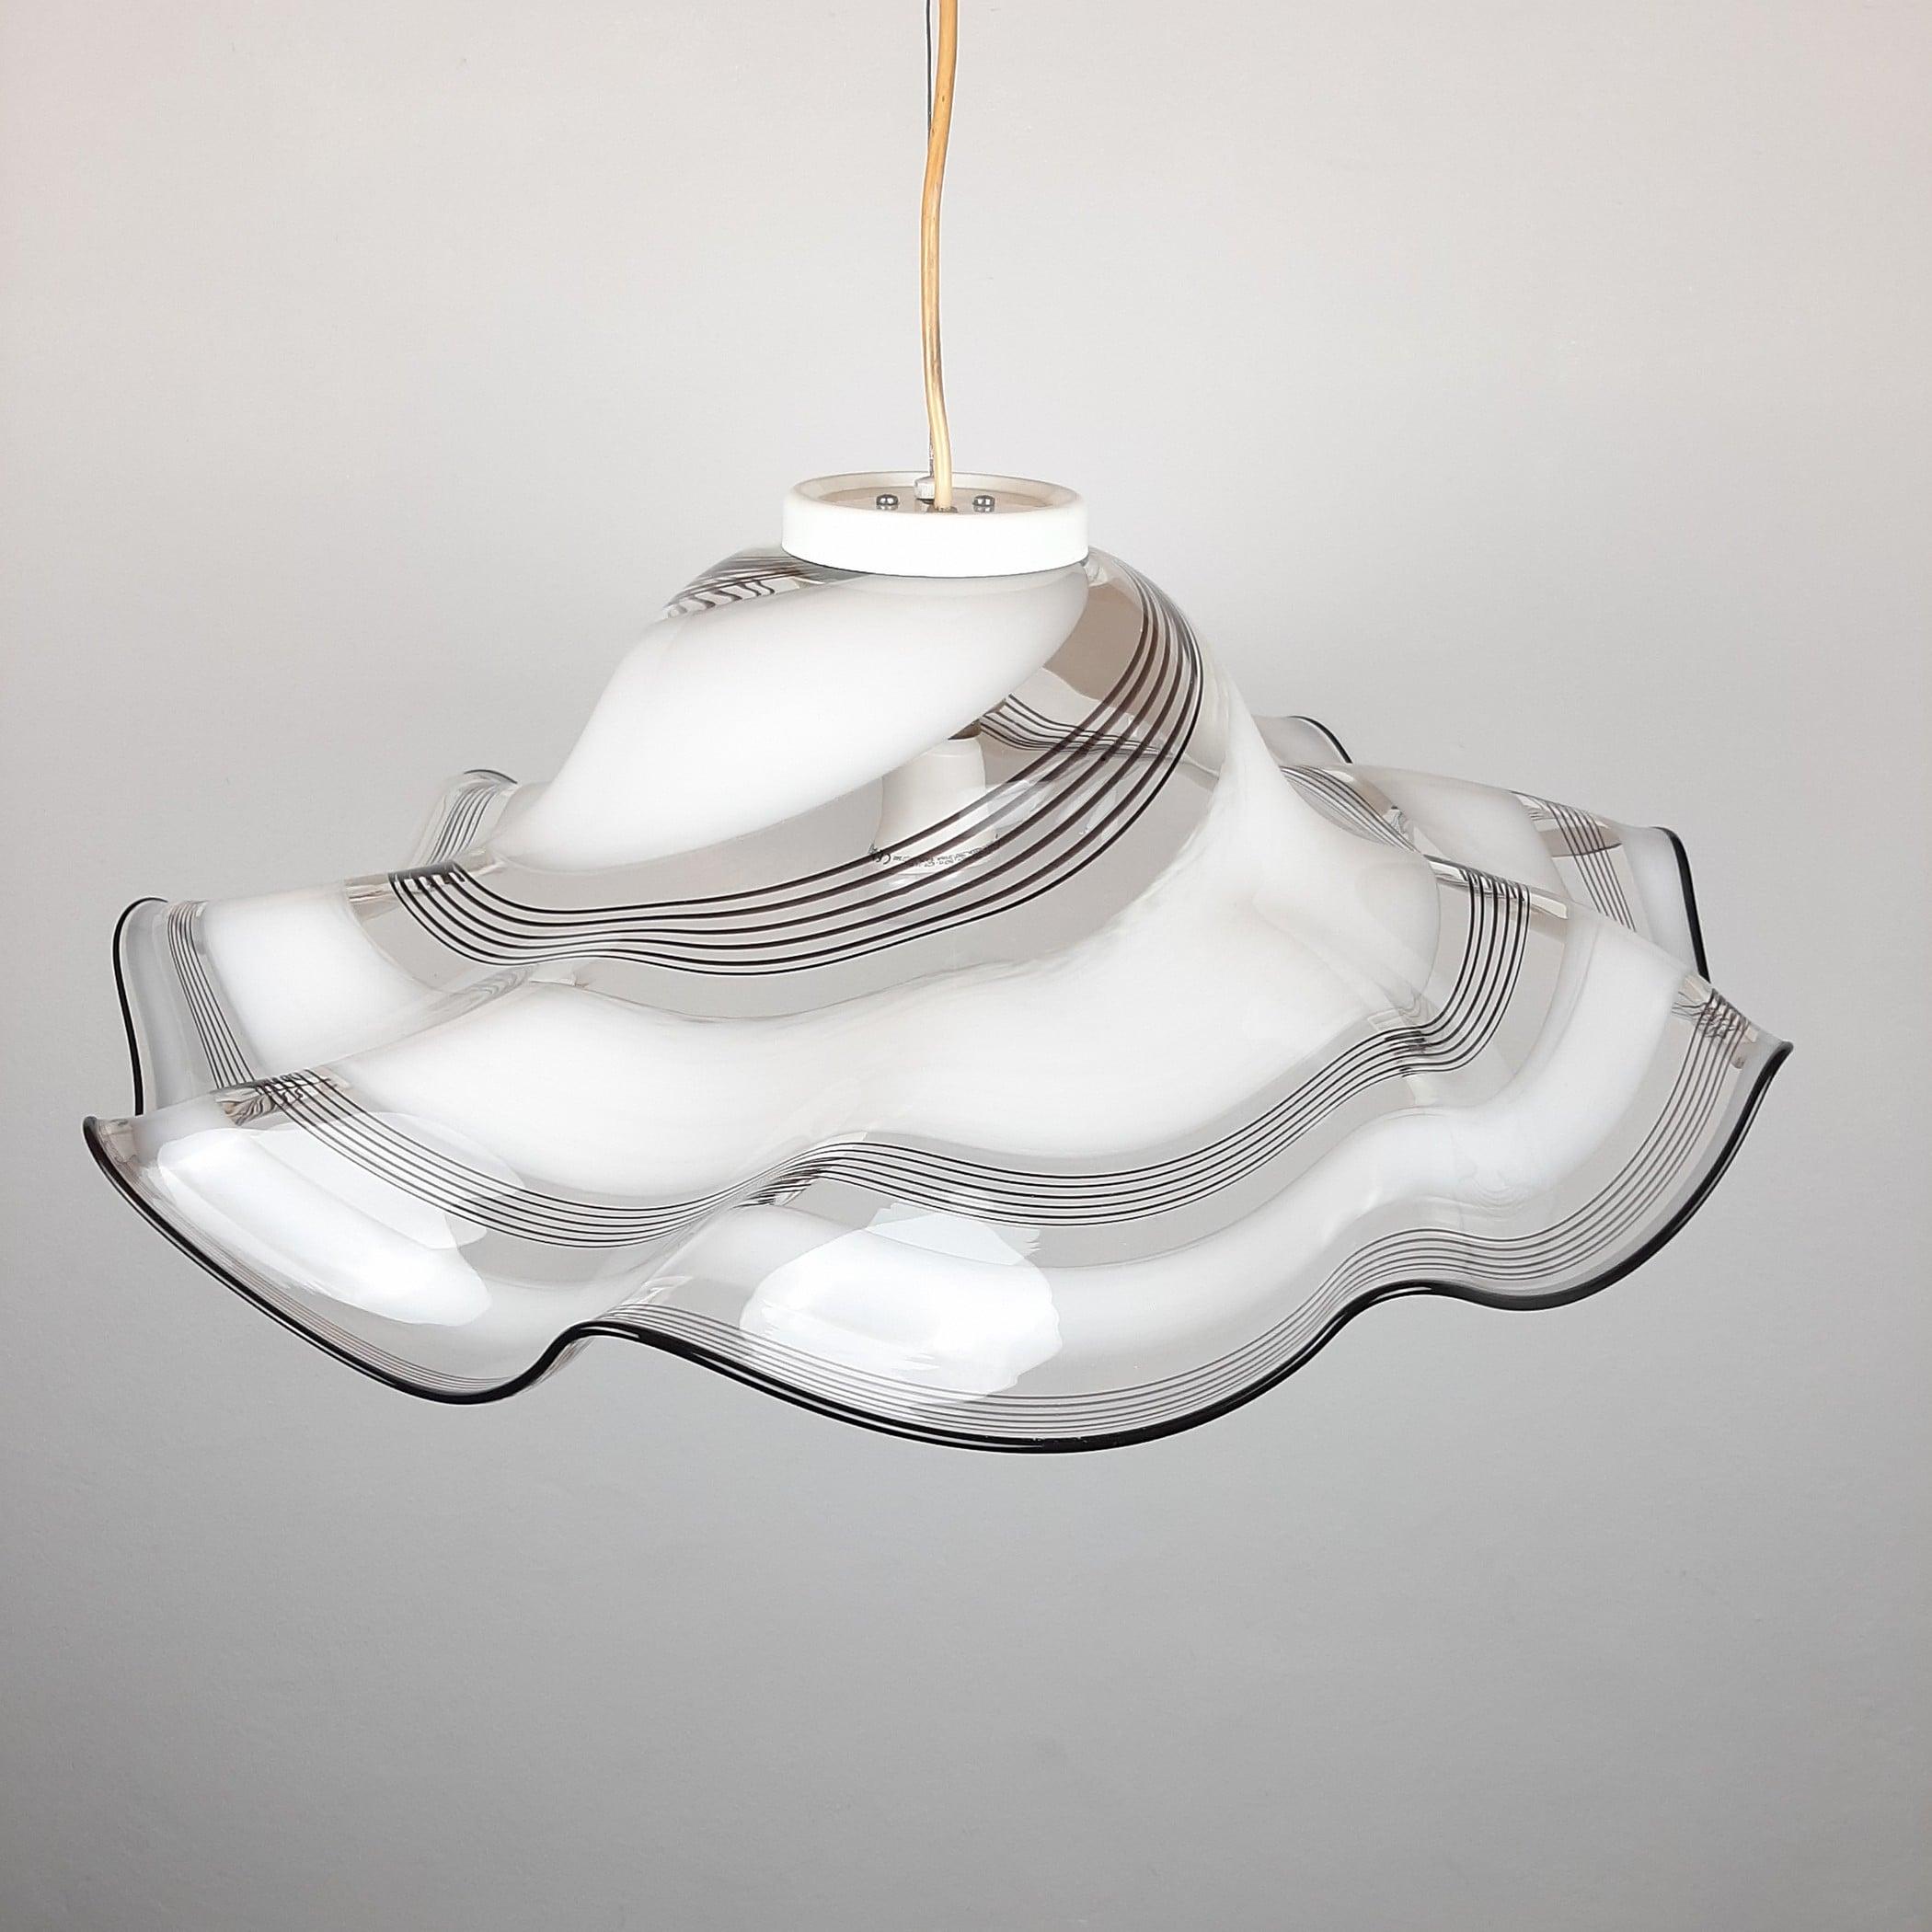 XL white choco murano glass pendant lamp Italy 1970s Mid-century lighting Retro murano